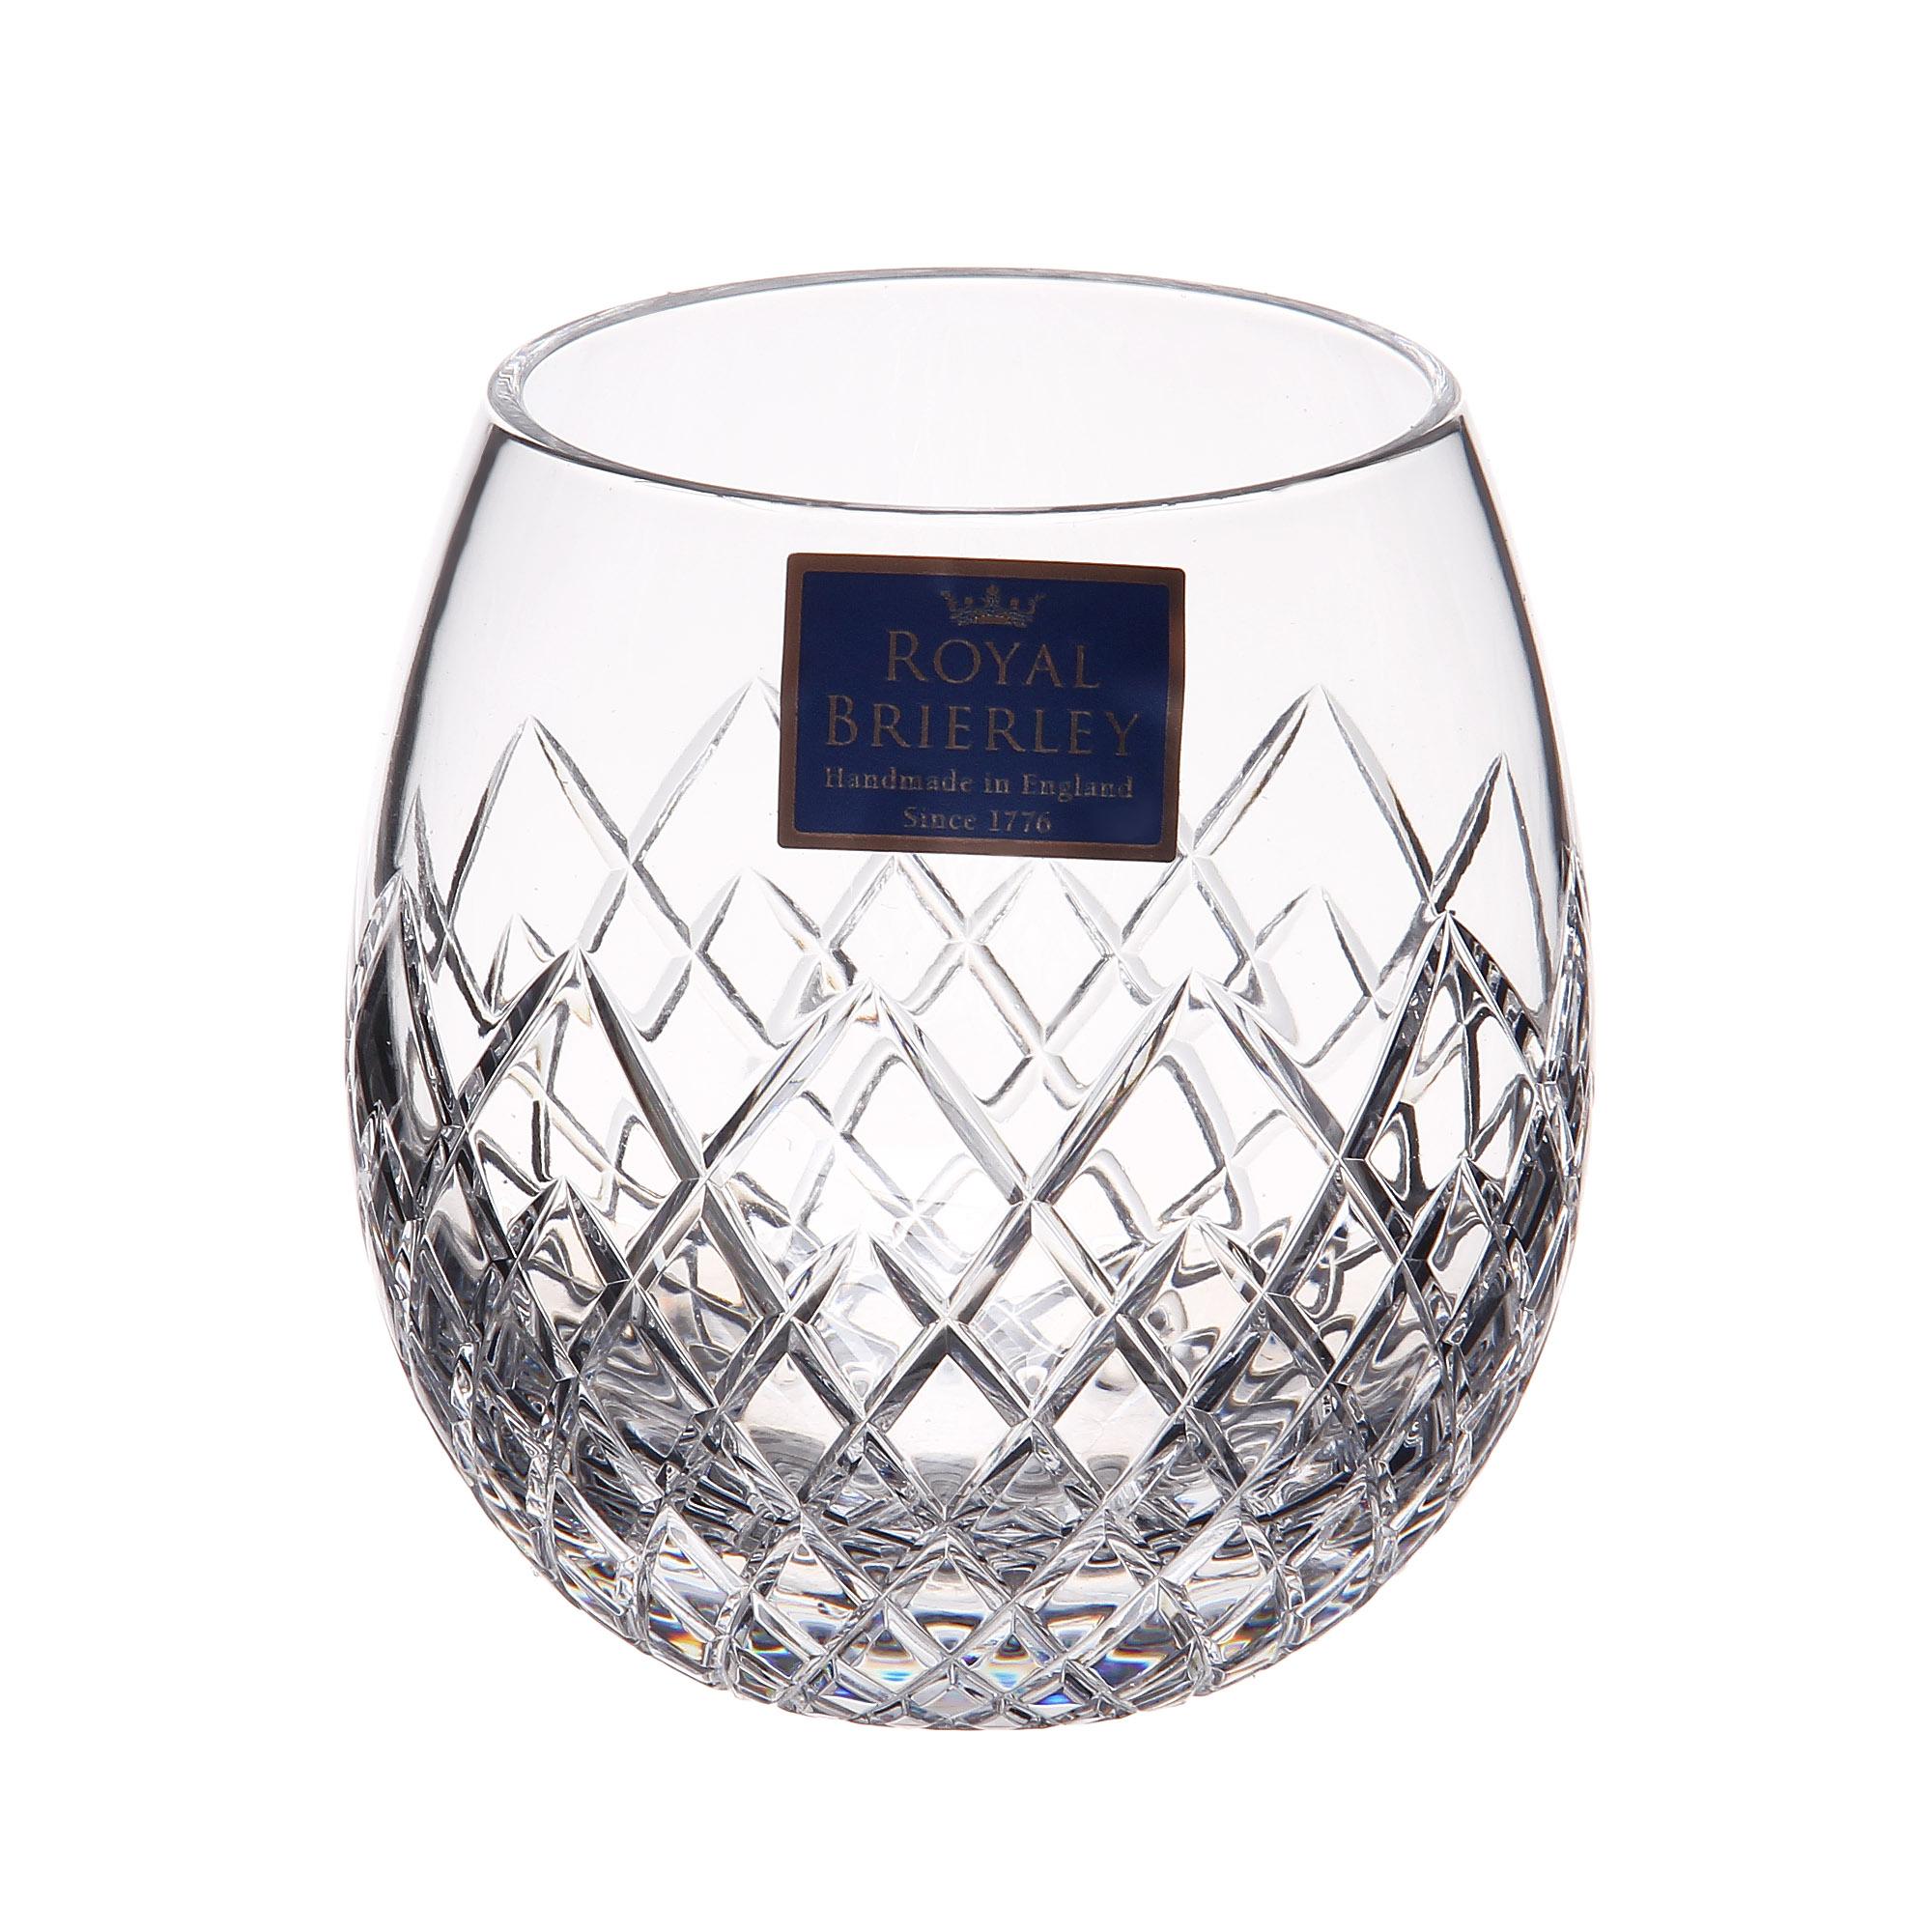 Купить Стакан для виски Dartington crystal kilda 310мл, Великобритания, хрусталь ручной работы (24% свинца)